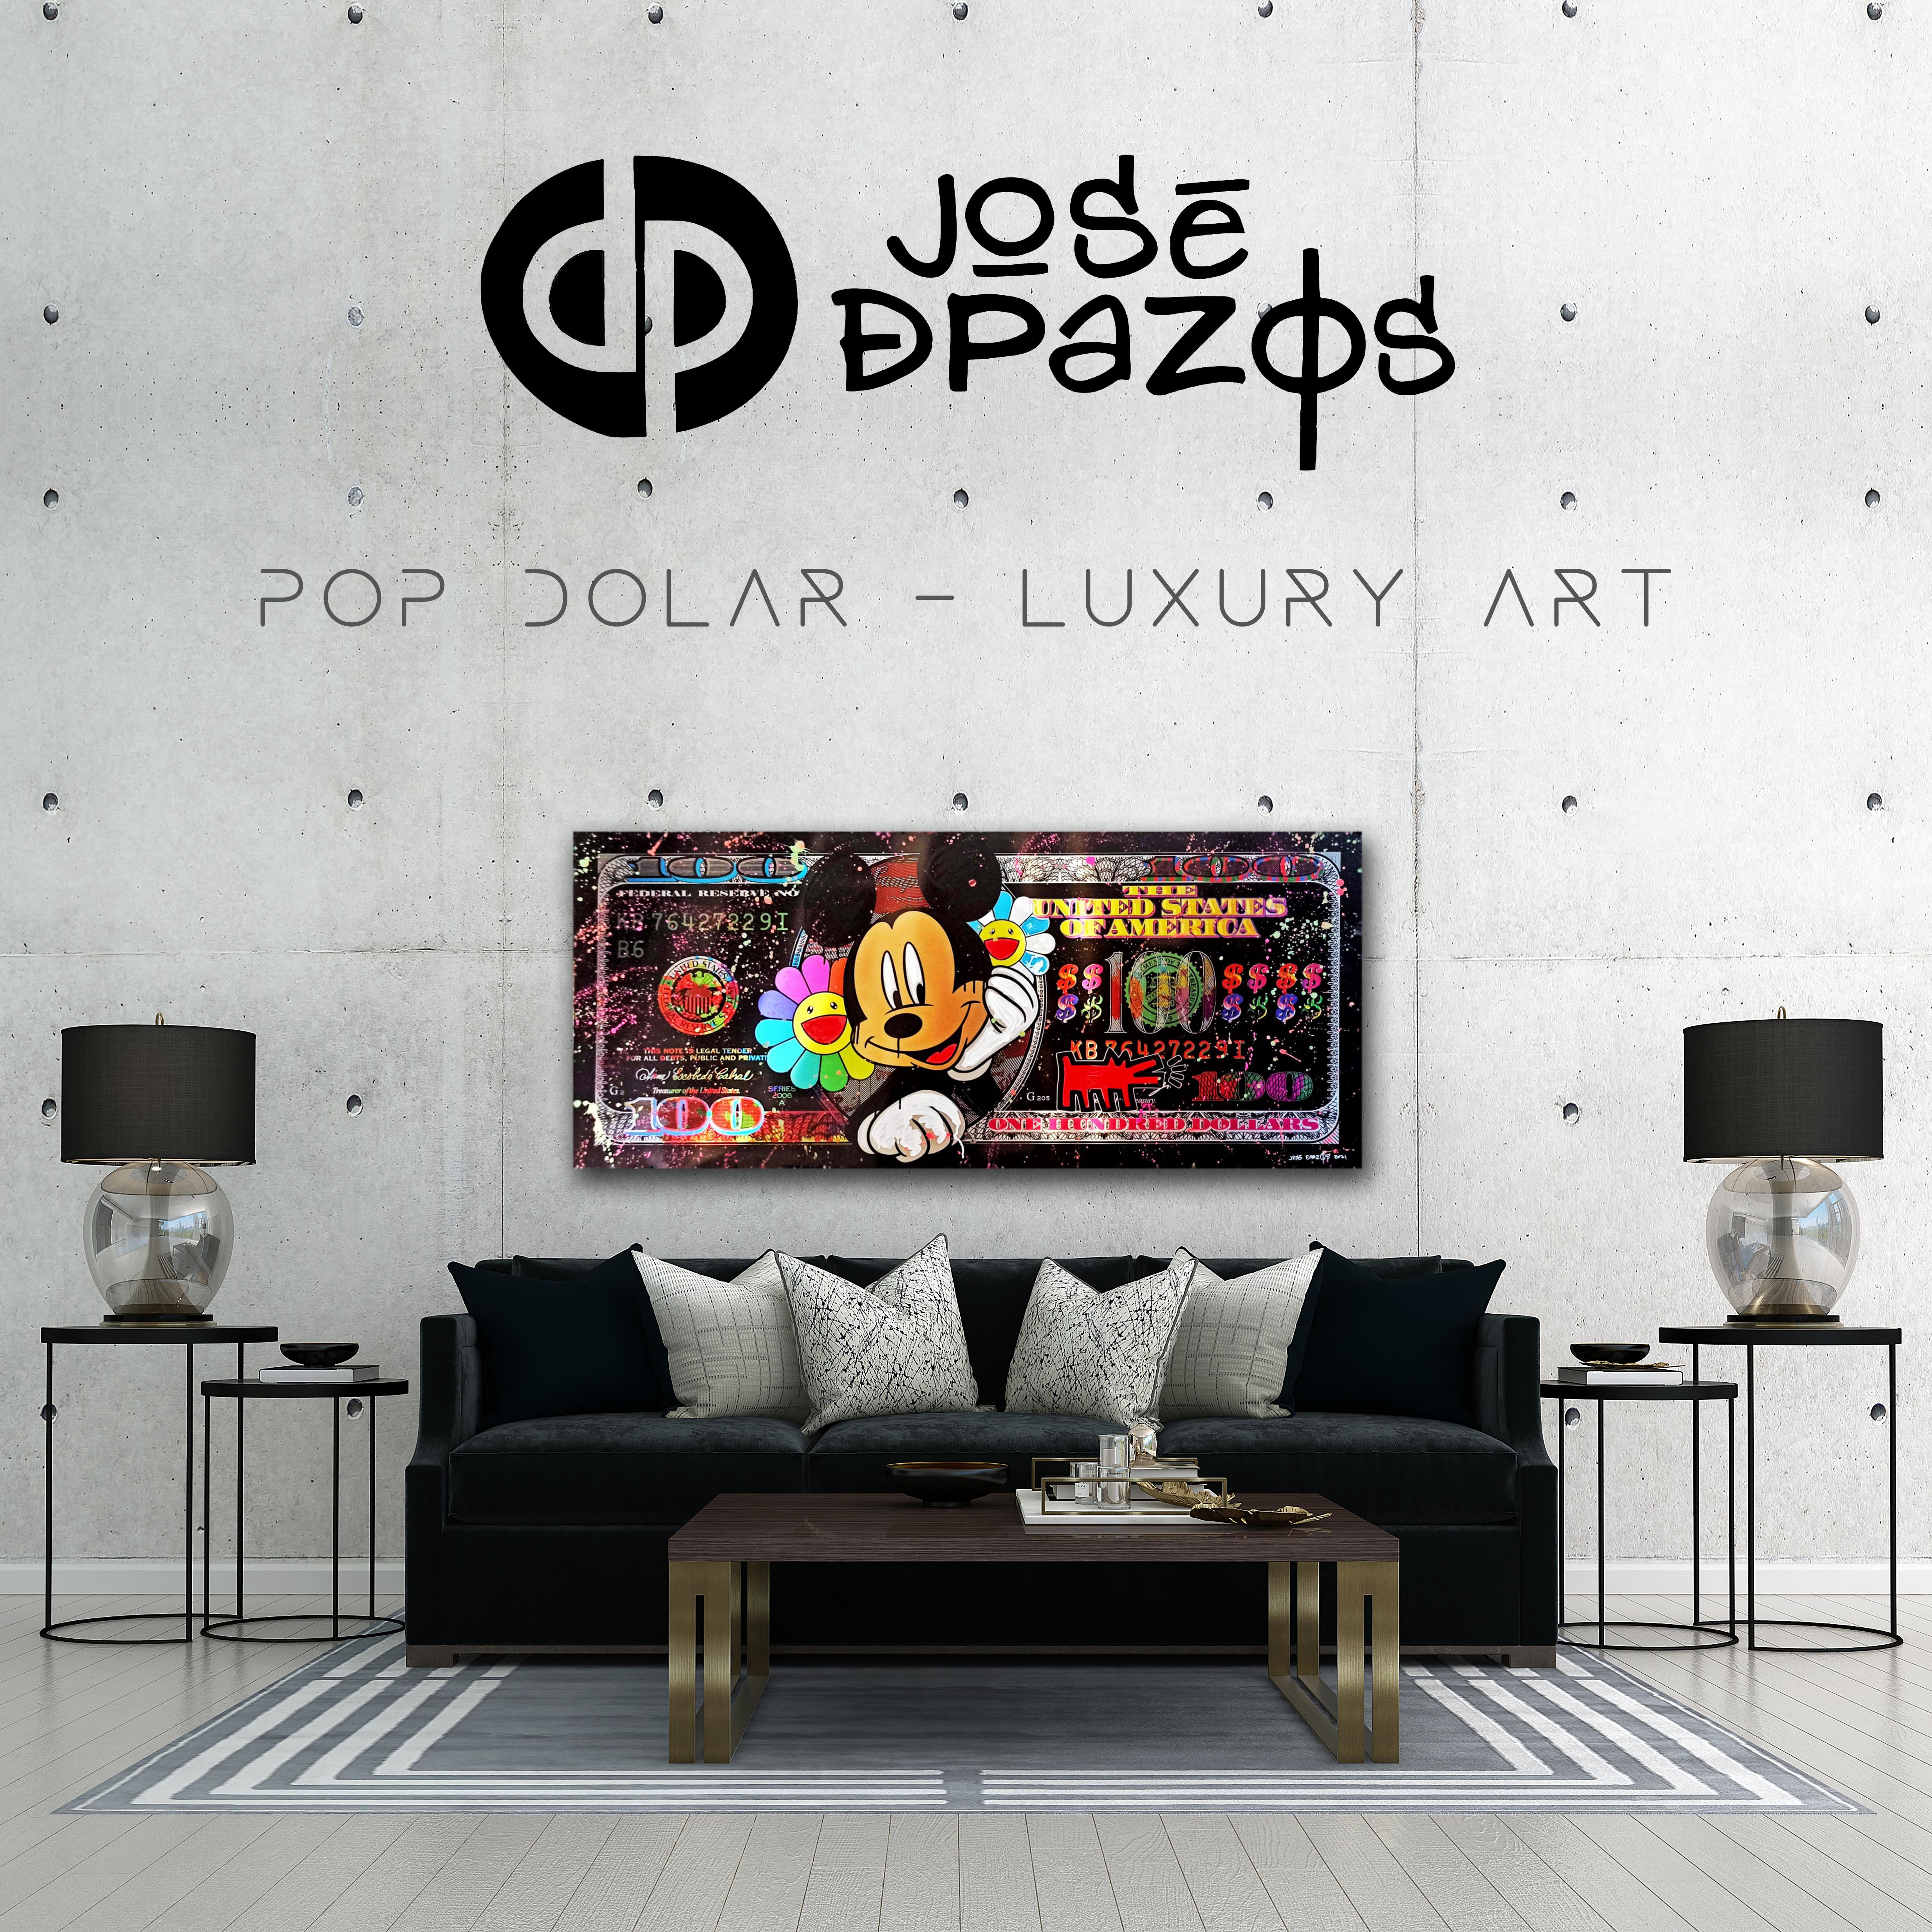 Serie Pop Dolar